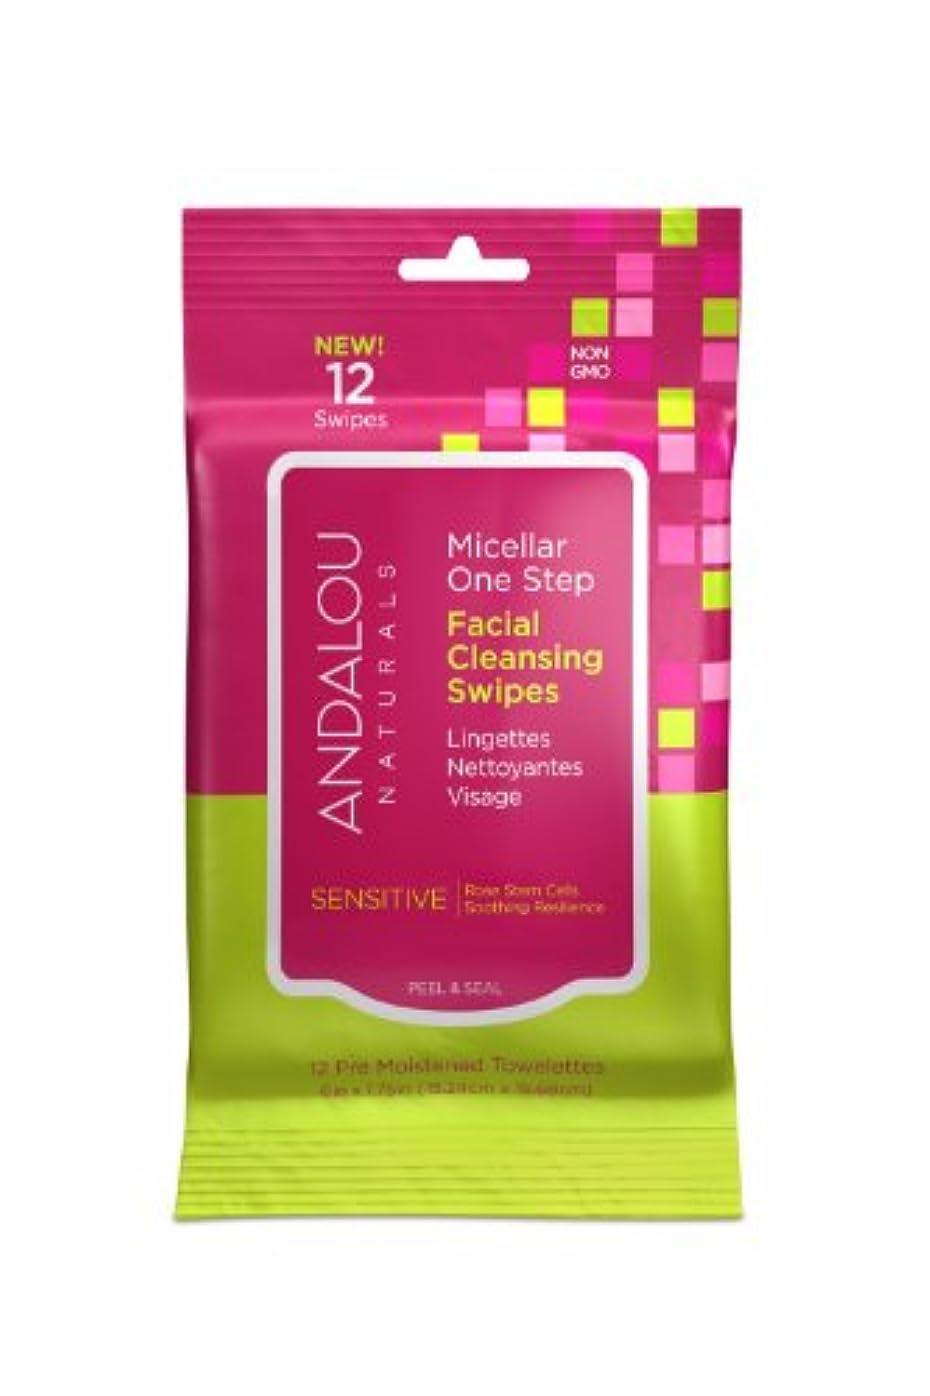 はぁエステート上向きオーガニック ボタニカル クレンジングシート 洗顔シート ナチュラル フルーツ幹細胞 「 Sミセラスワイプ 12枚入り 」 ANDALOU naturals アンダルー ナチュラルズ